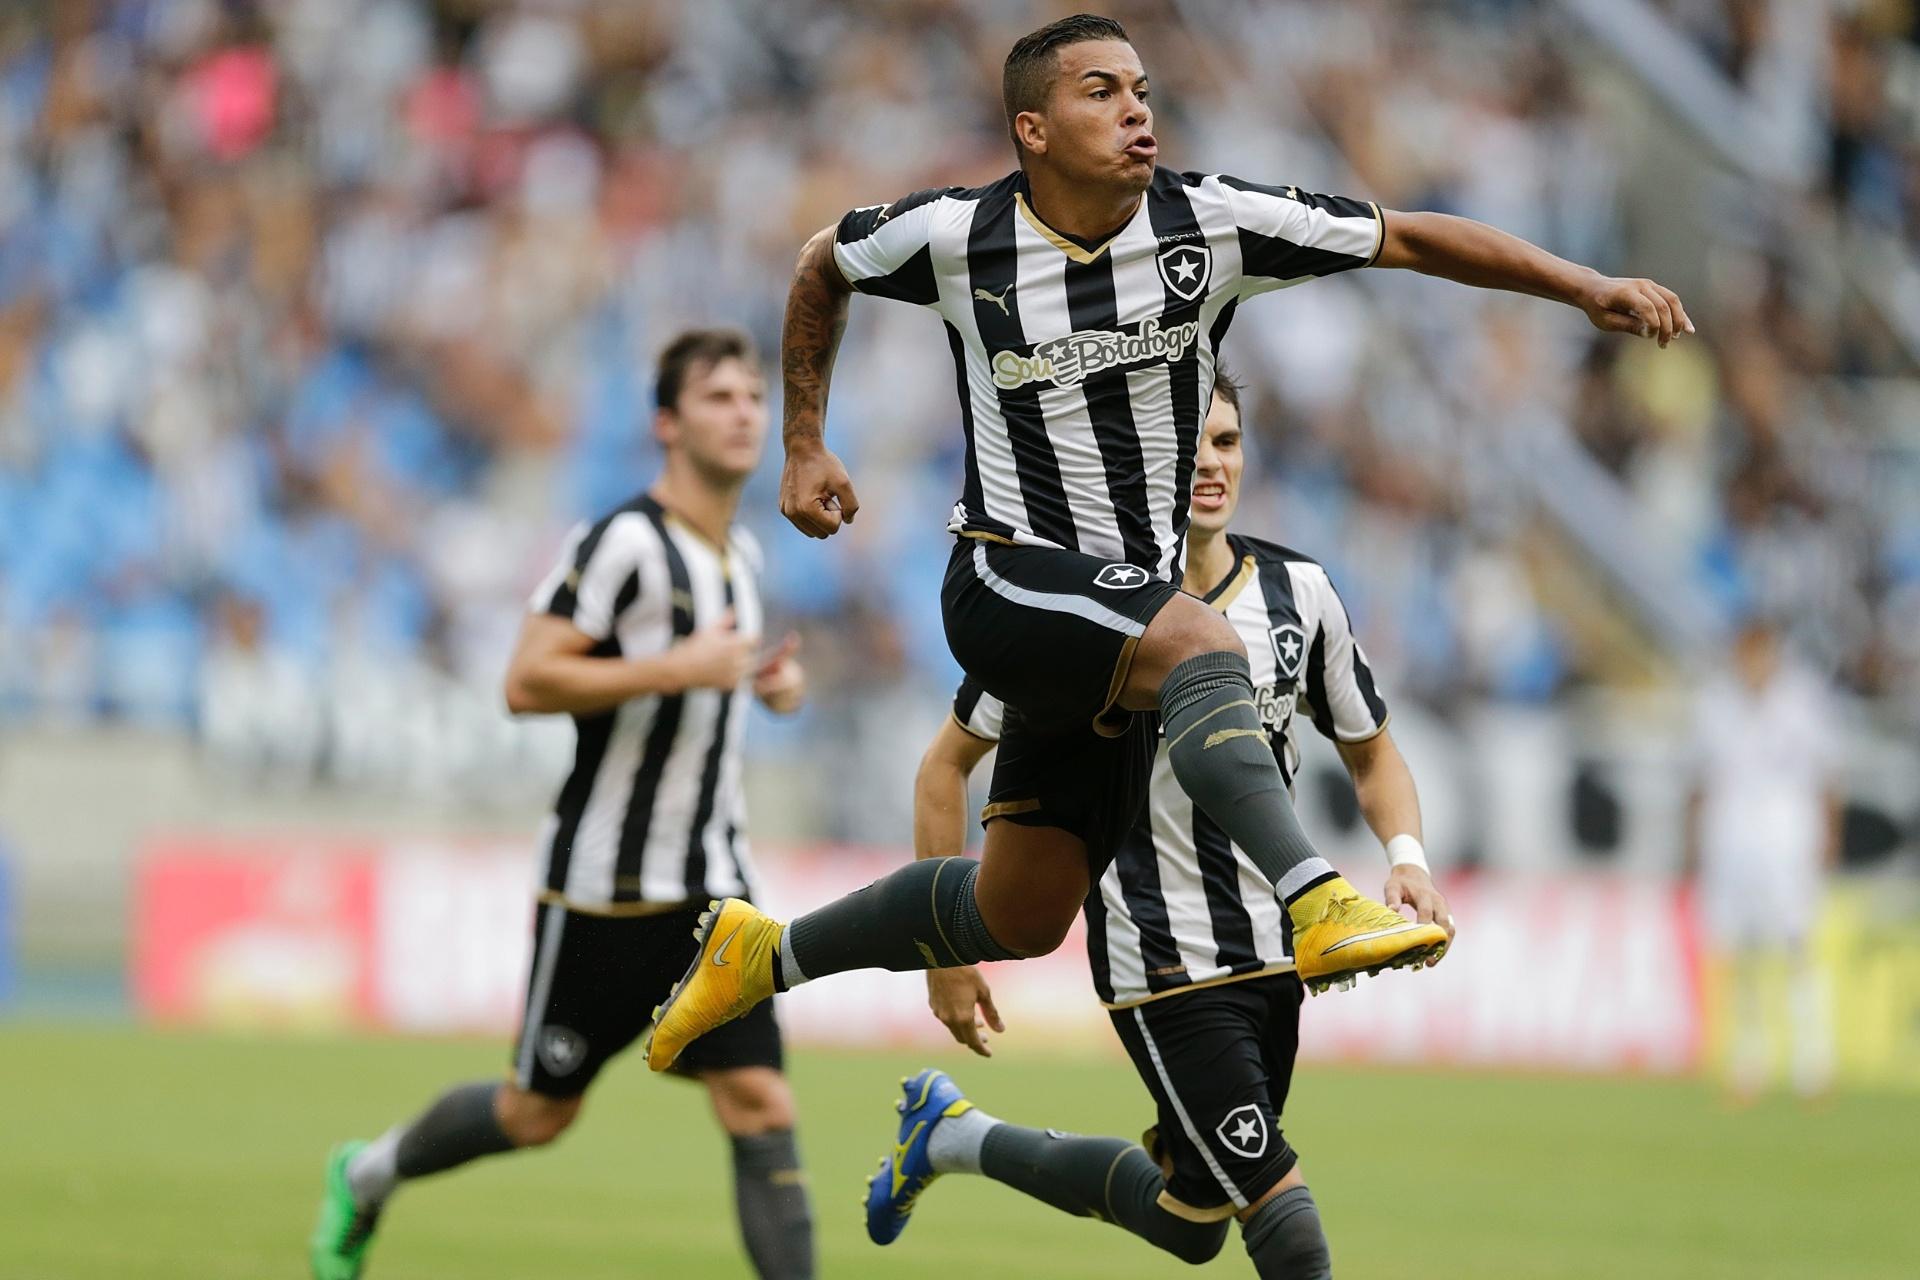 02f93219e0 Botafogo fecha pacote de patrocinadores para clássicos com Fla e Flu -  Esporte - BOL